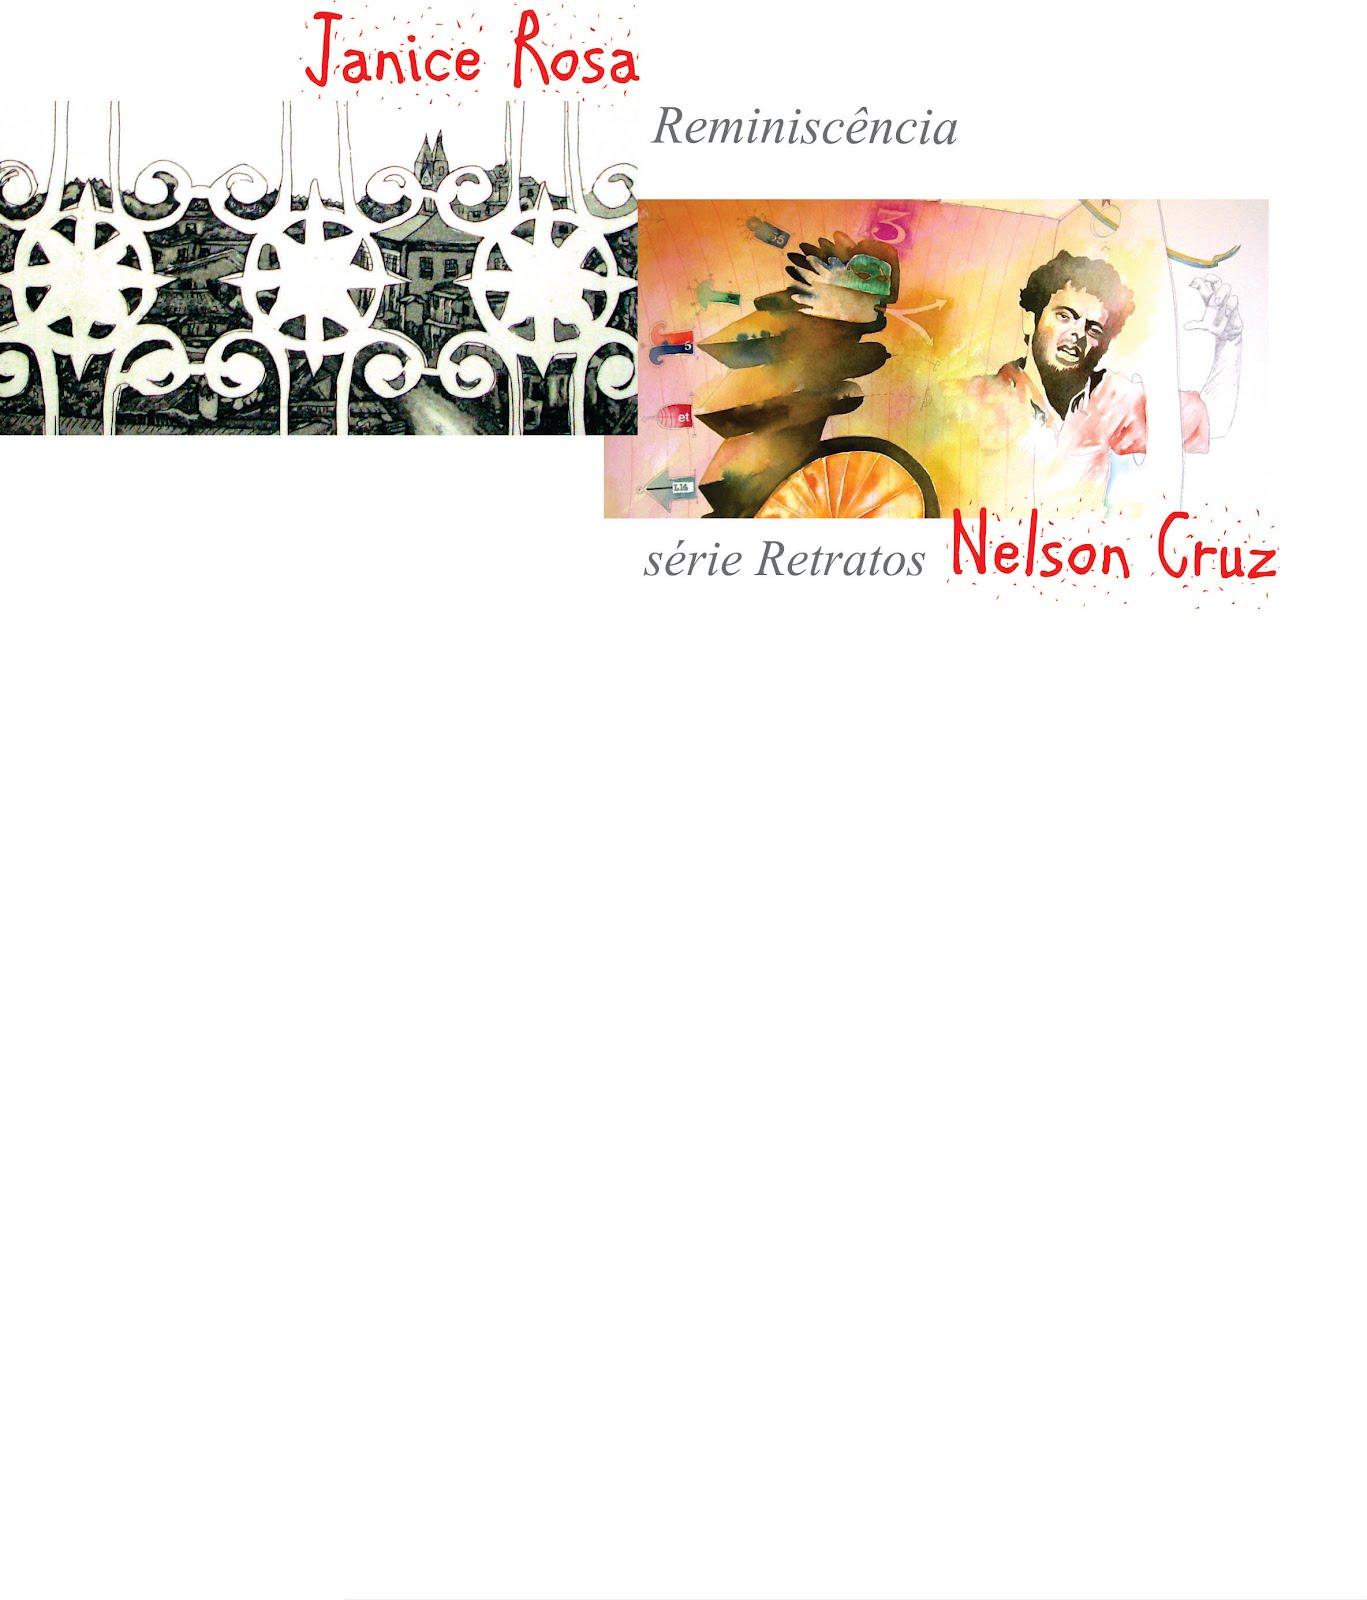 Exposição coletiva de Janice Rosa e Nelson Cruz